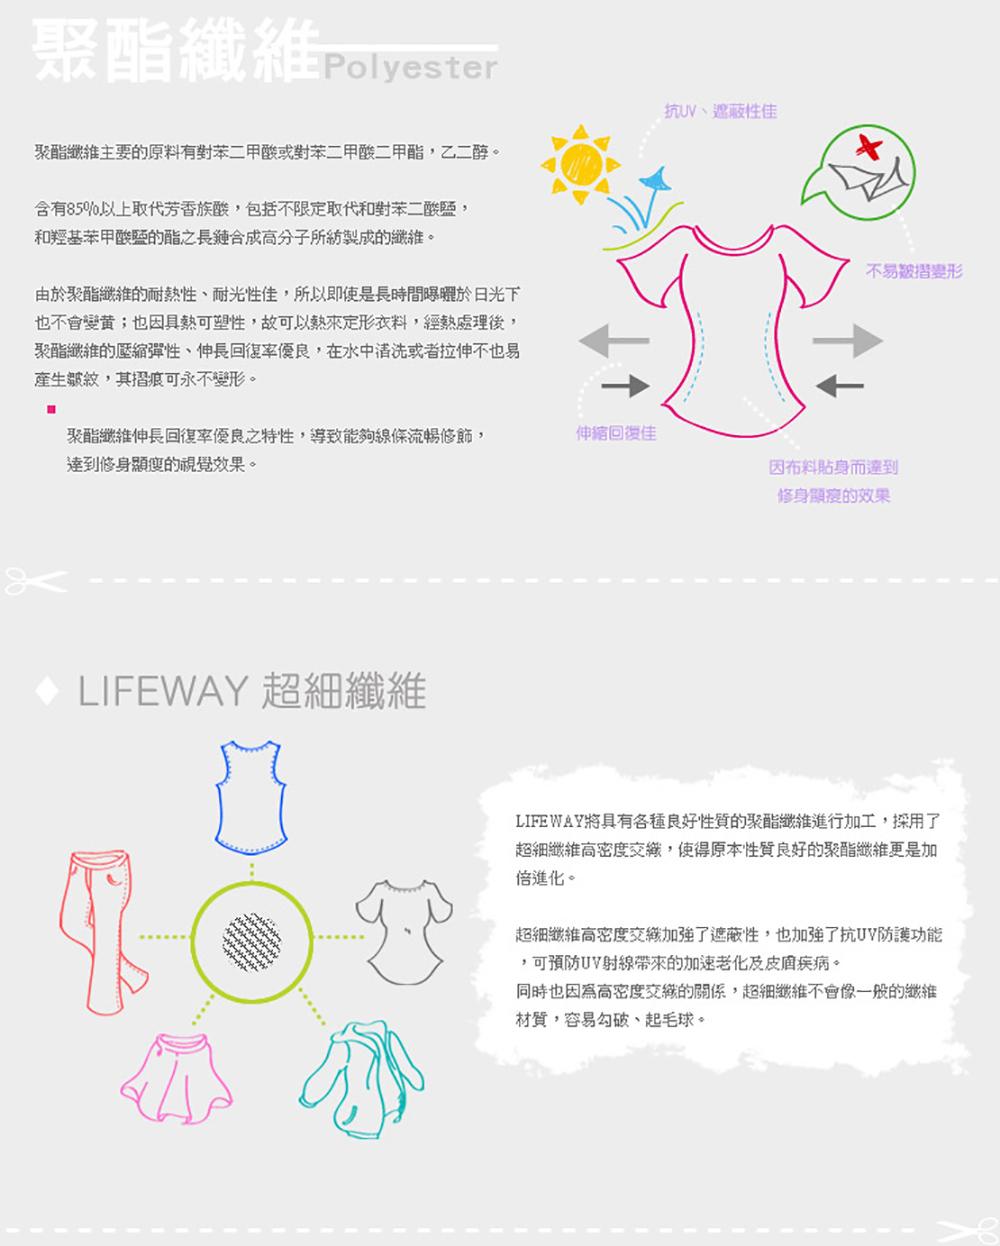 抗UV排汗T,lifeway抗UV排汗衣,抗UV排汗衣,透氣抗UV排汗衫,排汗衣,抗UV排汗T恤,抗UV排汗短袖,抗UV排汗機能